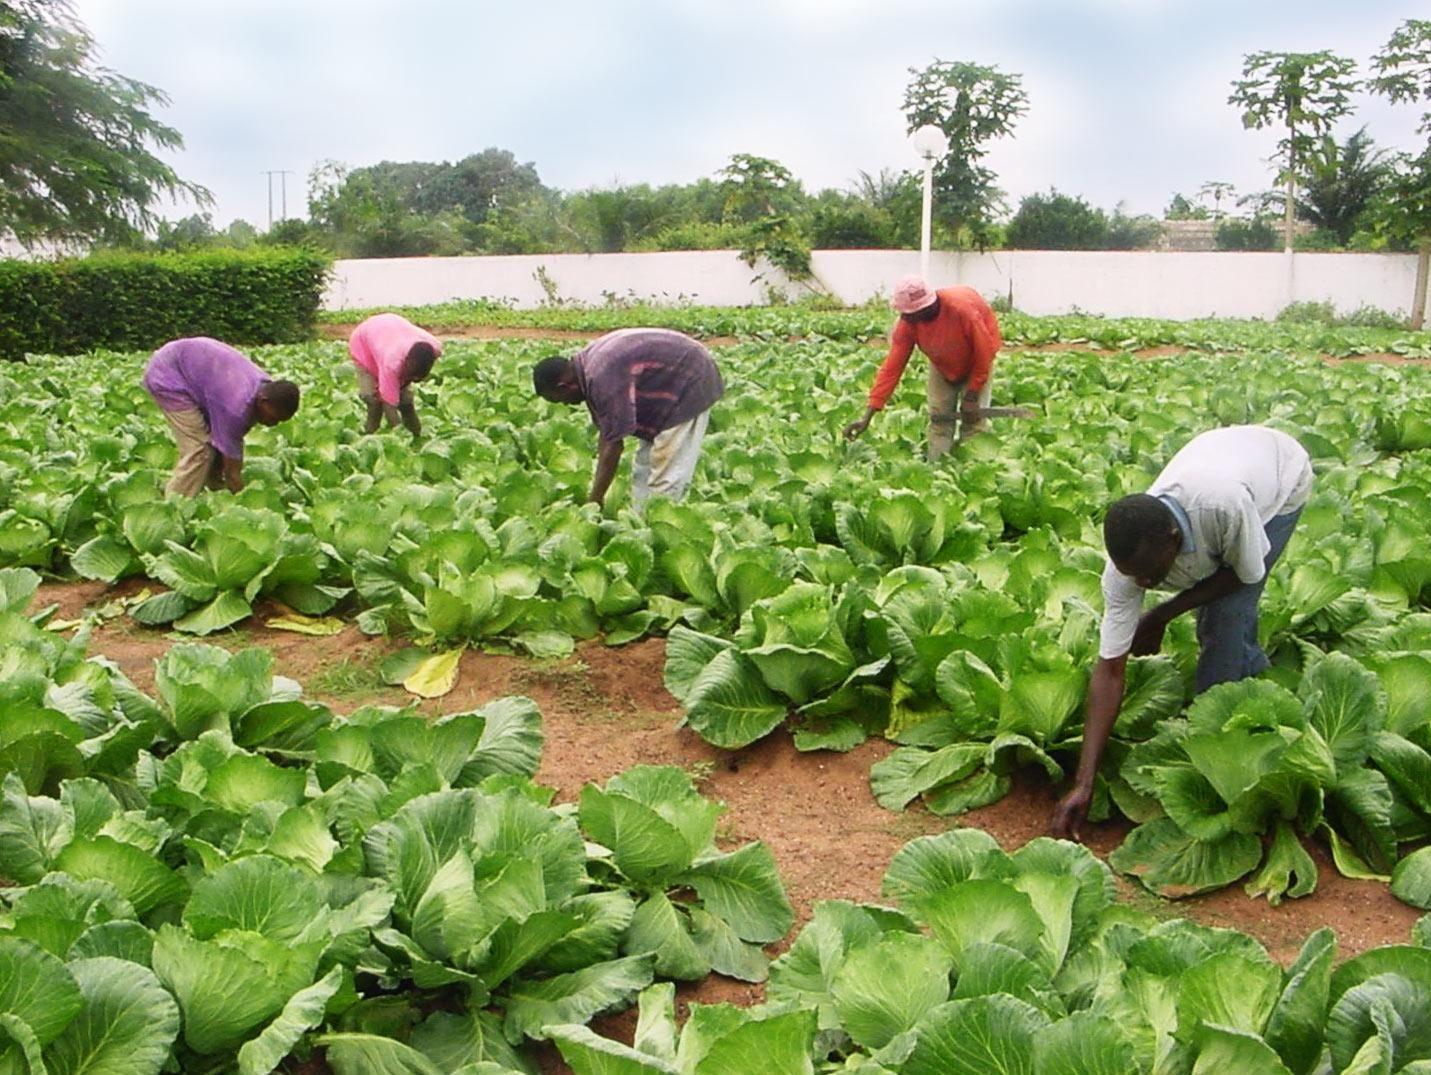 Employés de Biotop dans un champ de choux appartenant à Fernandino Eloko à Ebibeyin. L'agriculteur produit aussi des légumes. © Sputnik, Fabien Essiane